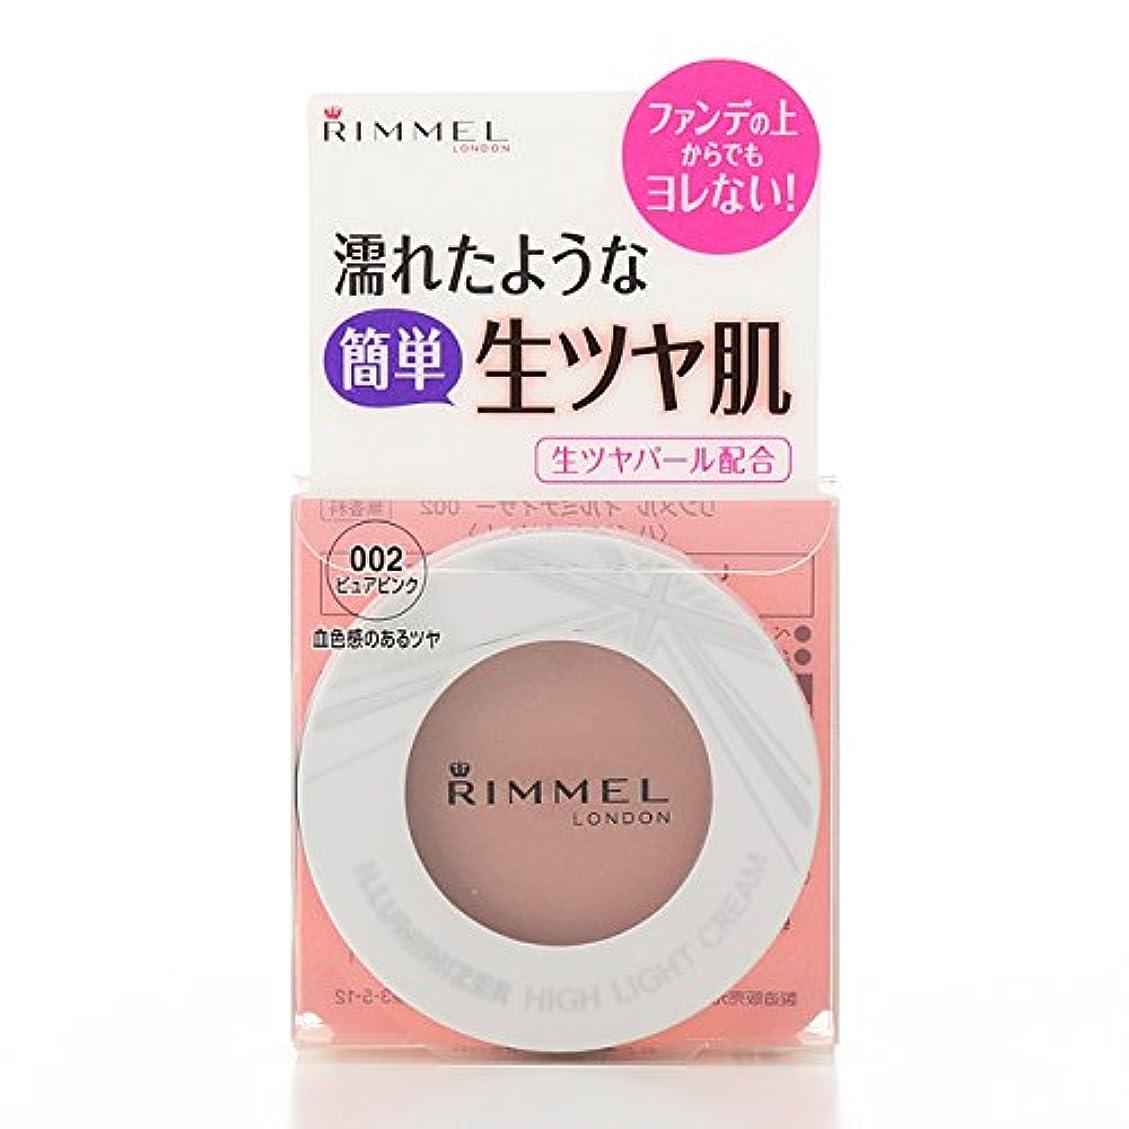 リンメル イルミナイザー 002 ピュアピンク 3g